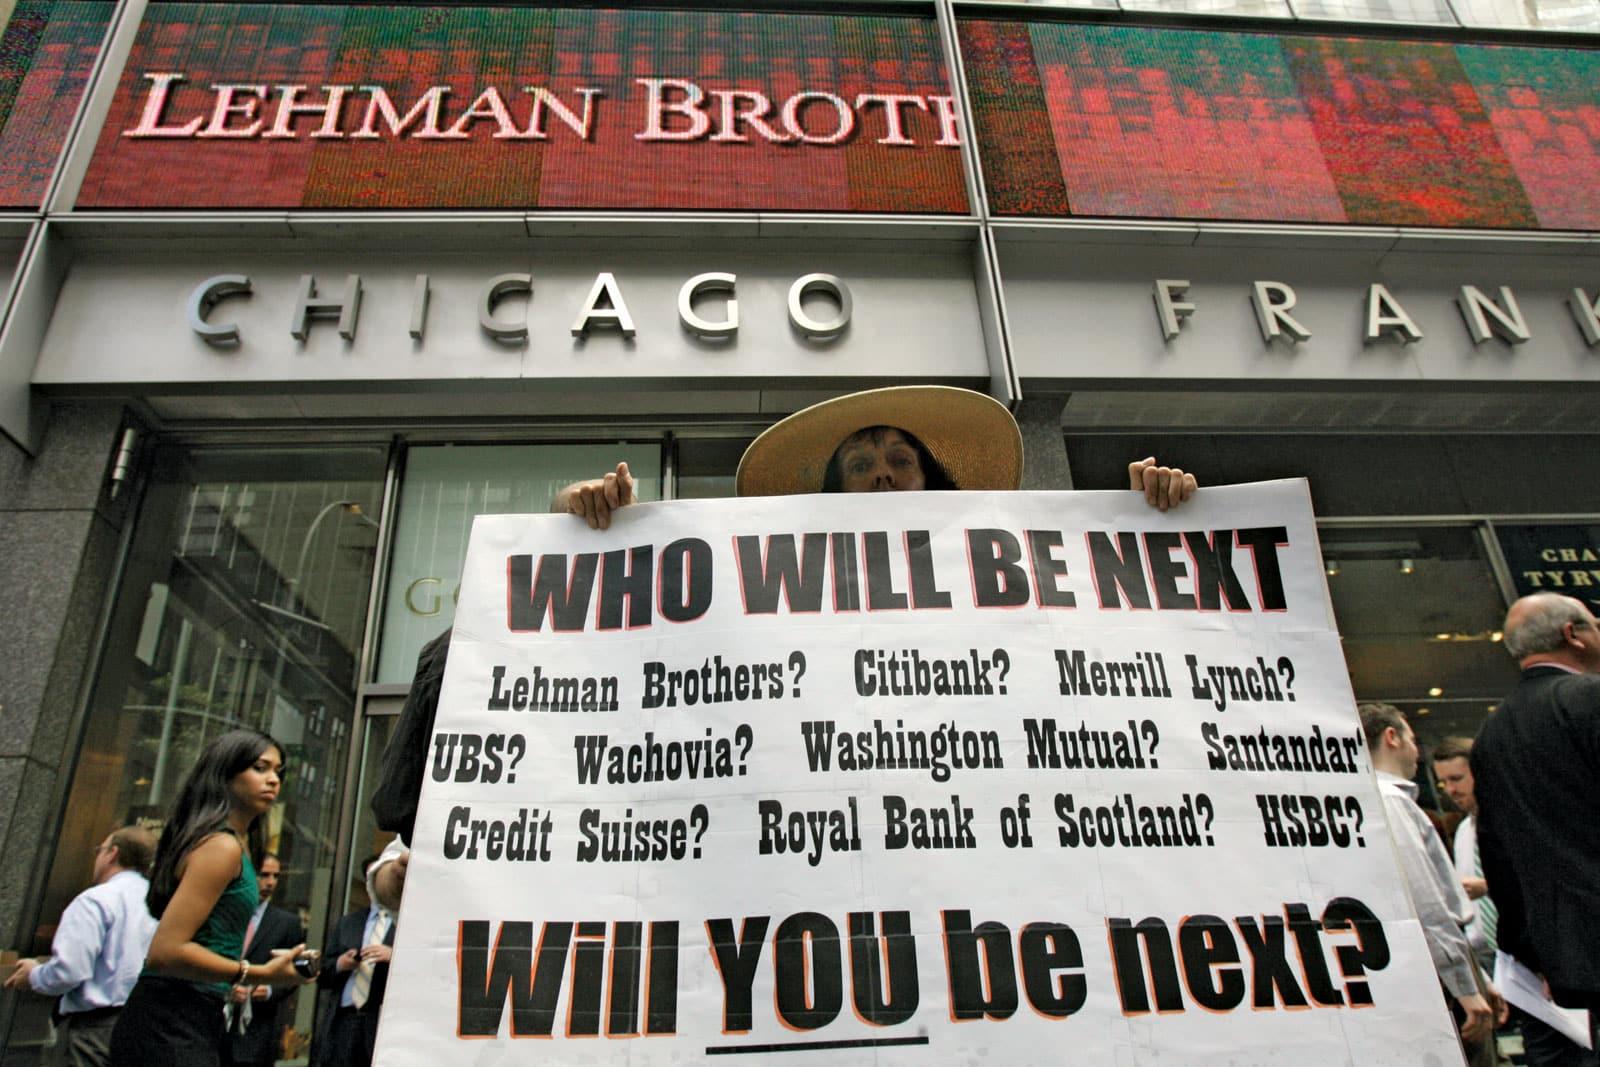 Lehman-Brothers أكبر الشركات والبنوك التي تعرضت للإفلاس نتيجة أزمة 2008